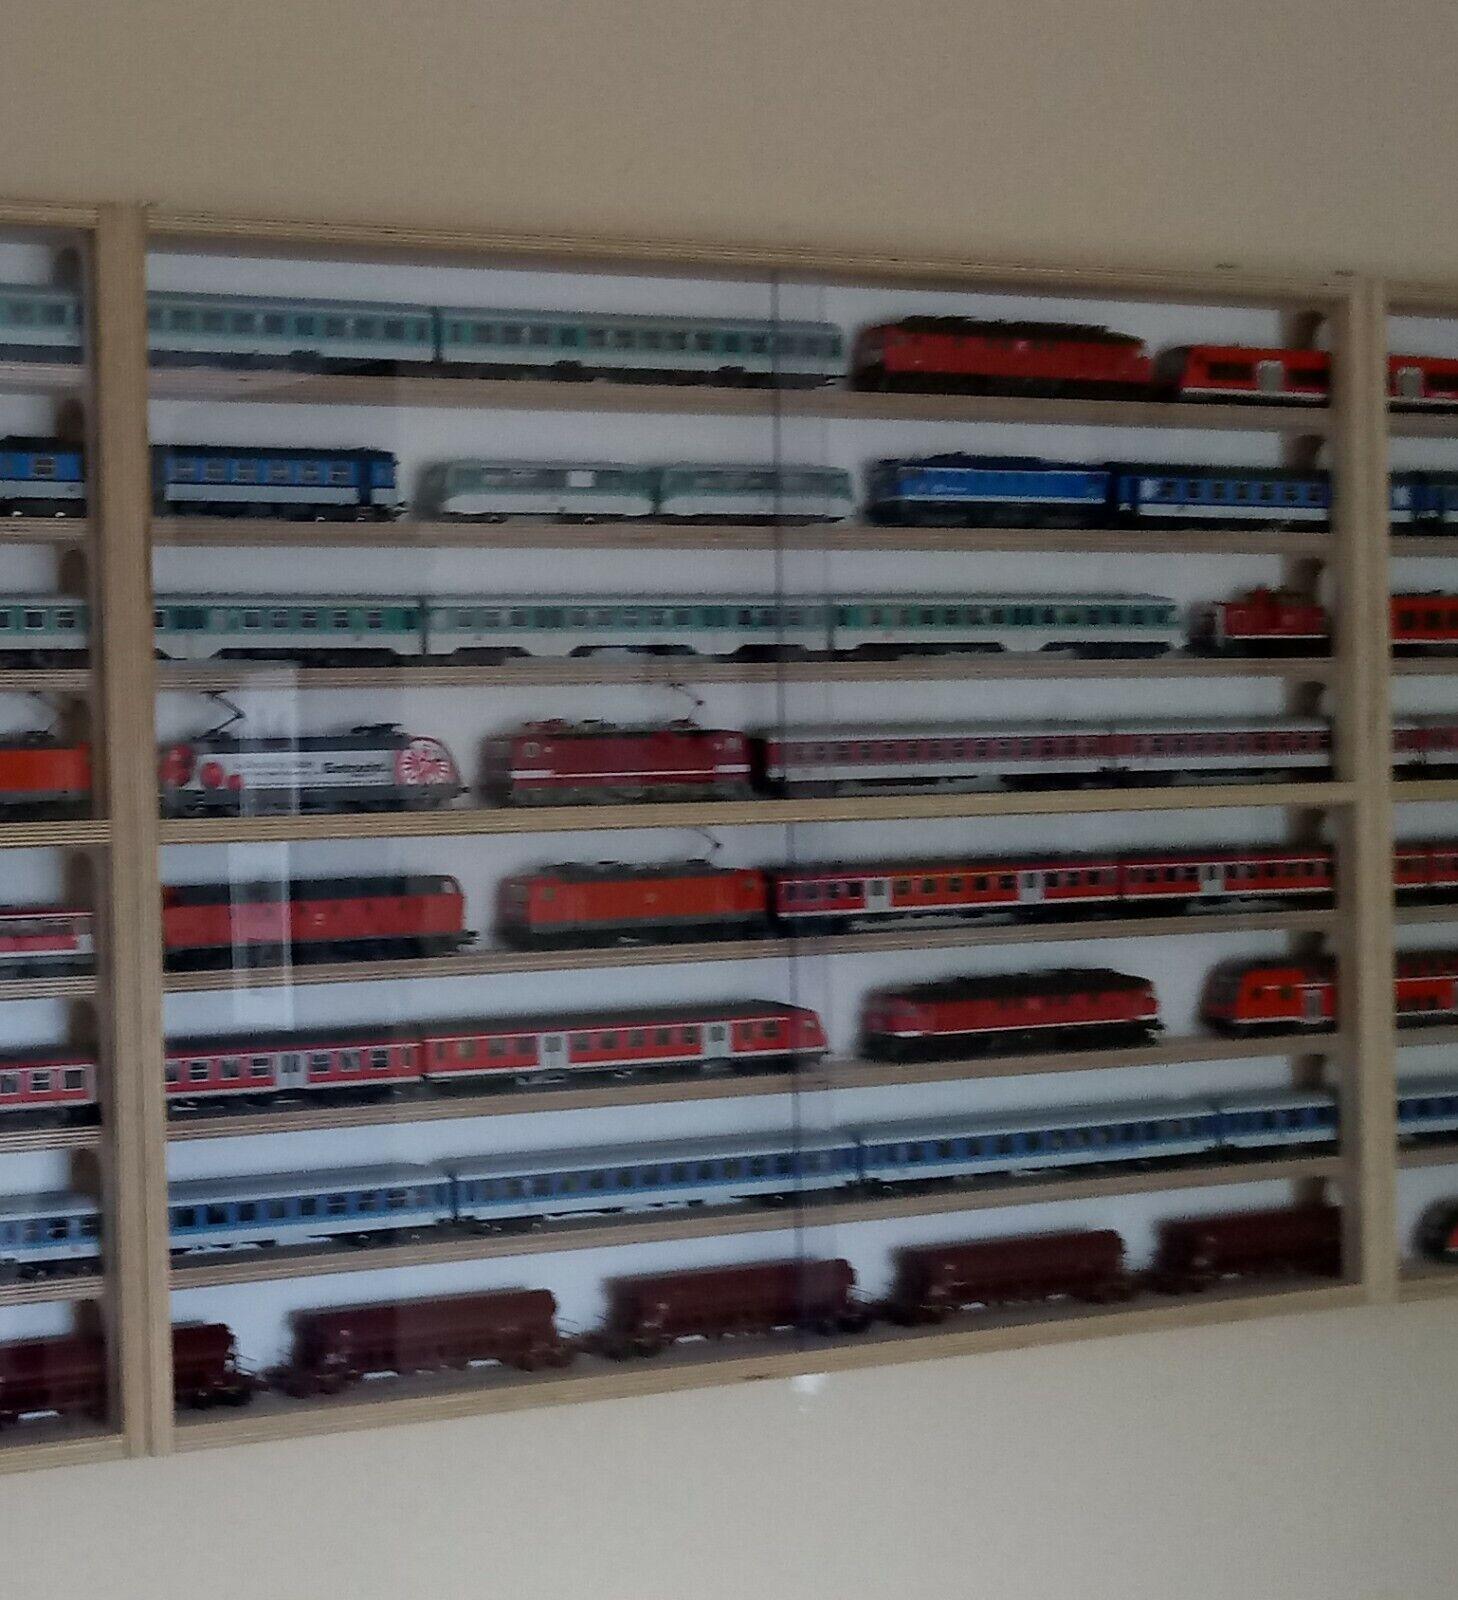 Vetrina Schmidt ® ho modellololo ferroviario vetrina Modulo centro 100cm 8 livelli di stazionamento